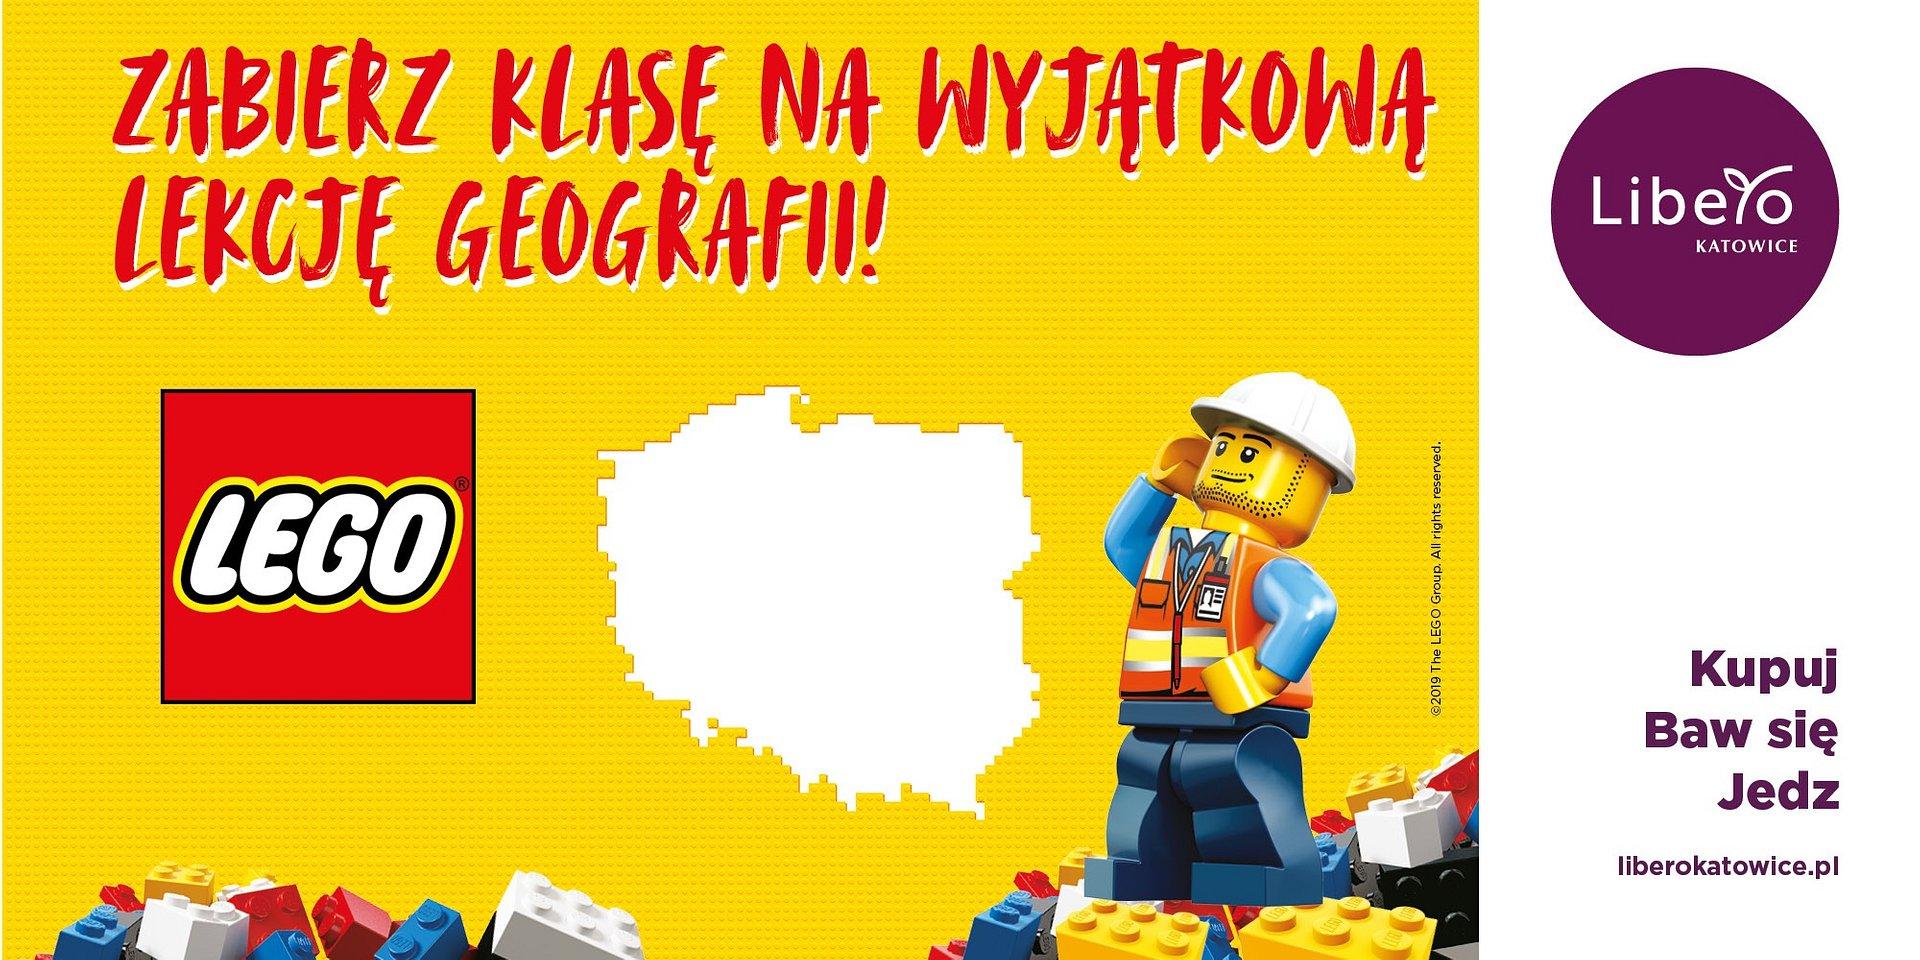 Libero Katowice zaprasza na wyjątkową lekcję geografii!